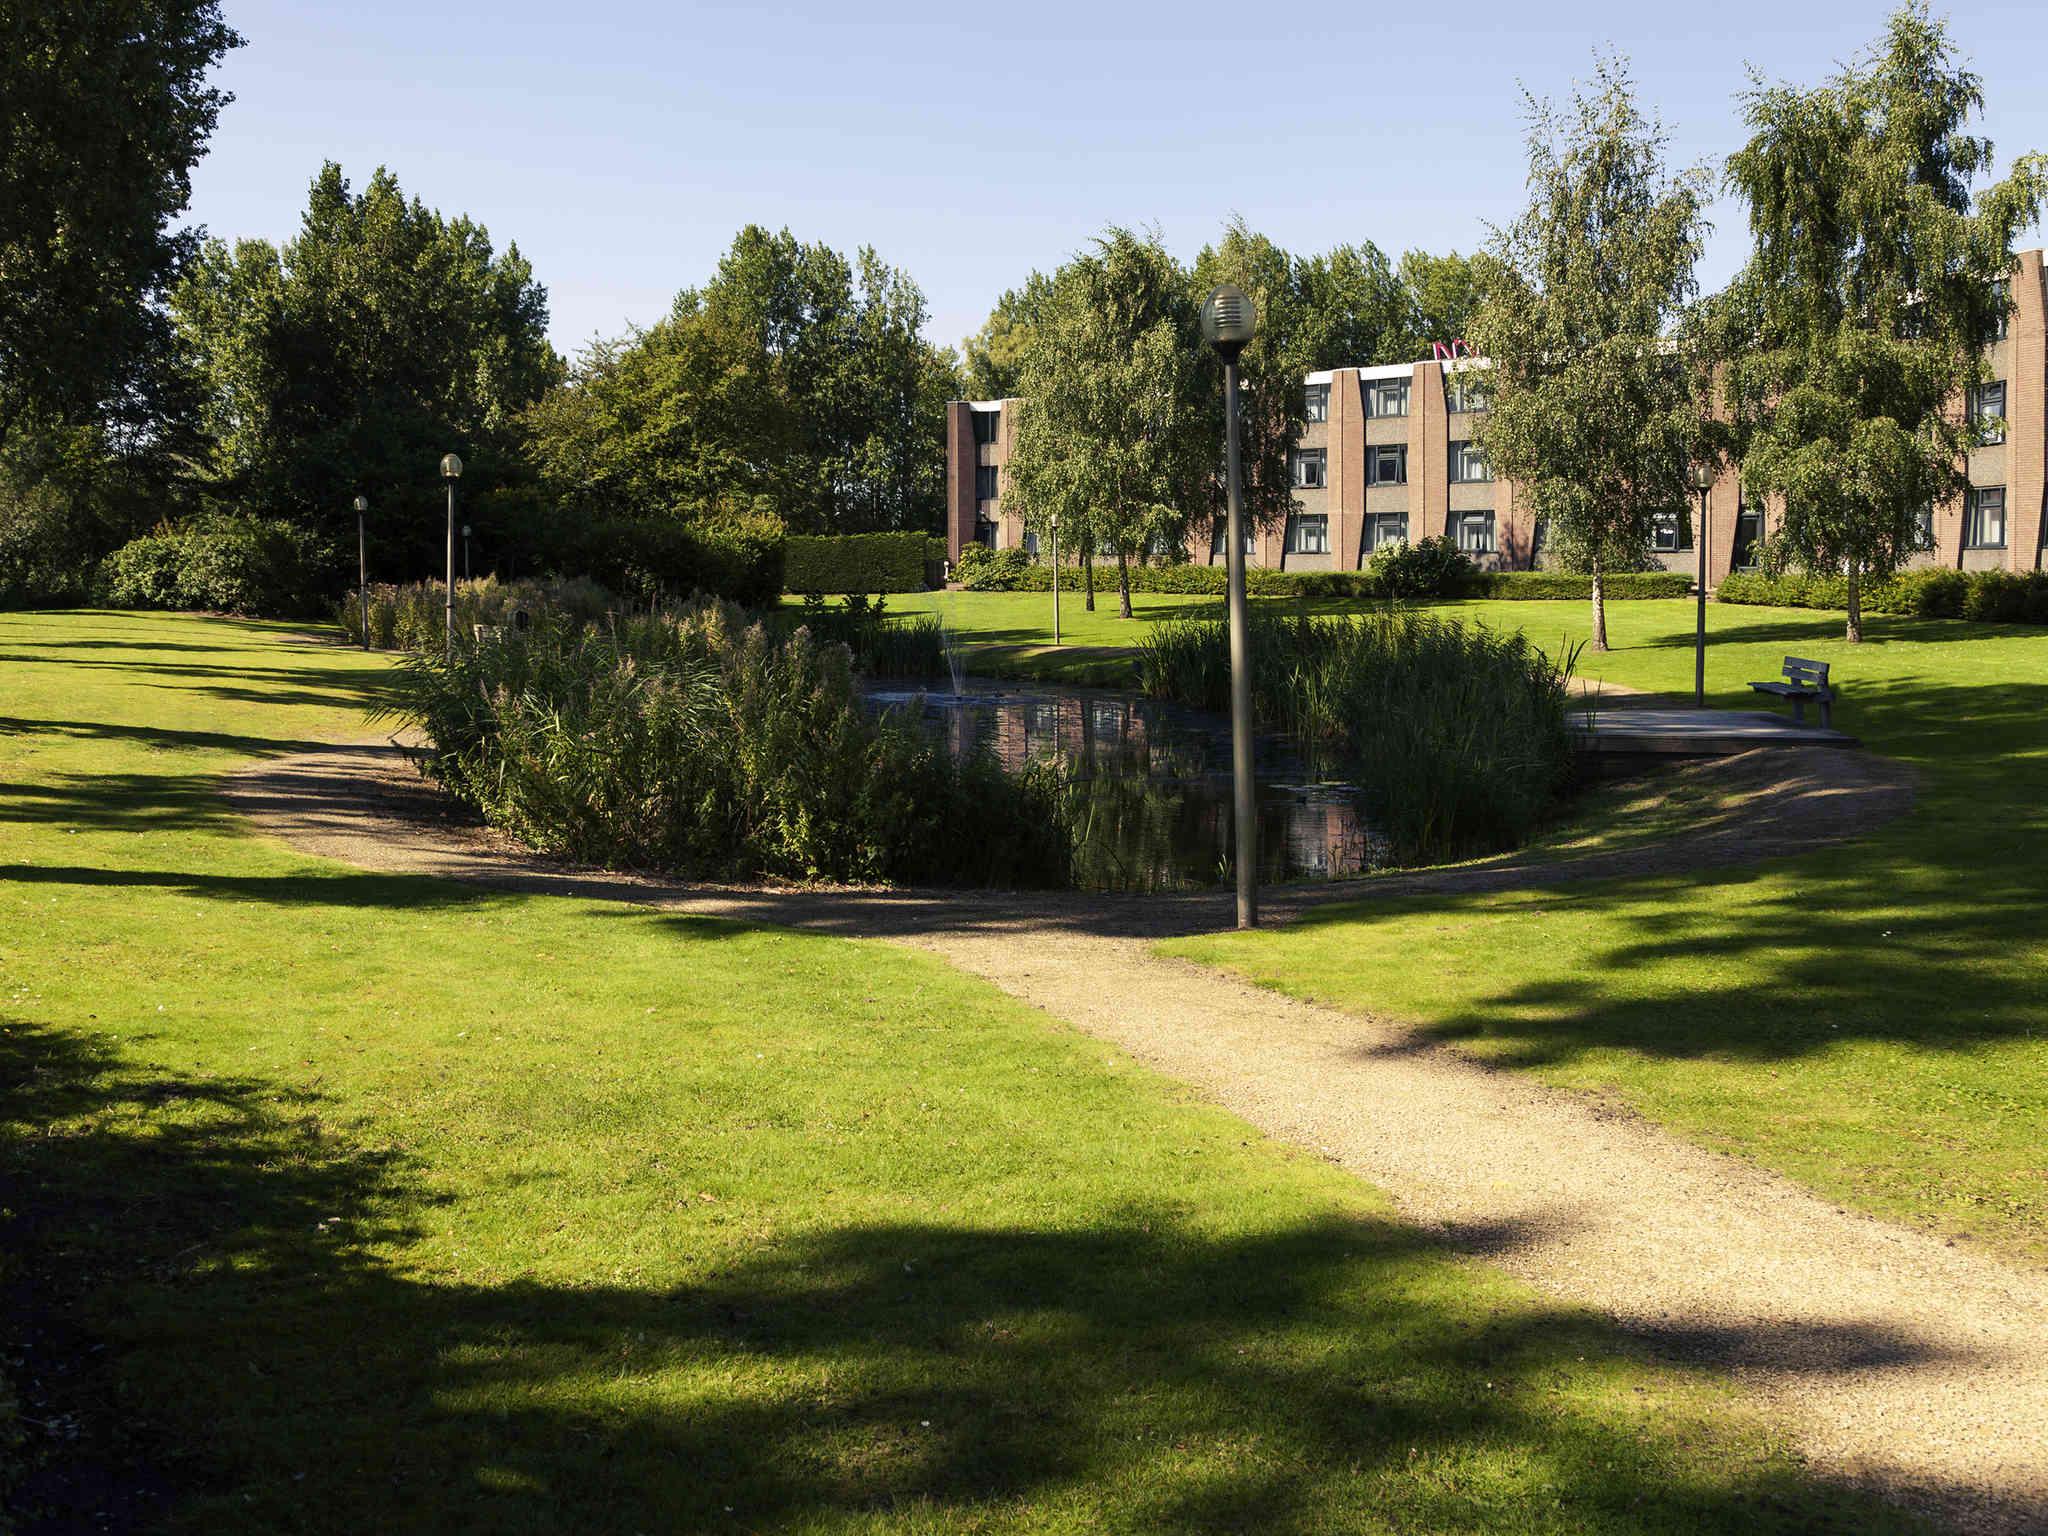 โรงแรม – เมอร์เคียว โฮเทล อัมสเตอร์ดัม เวส